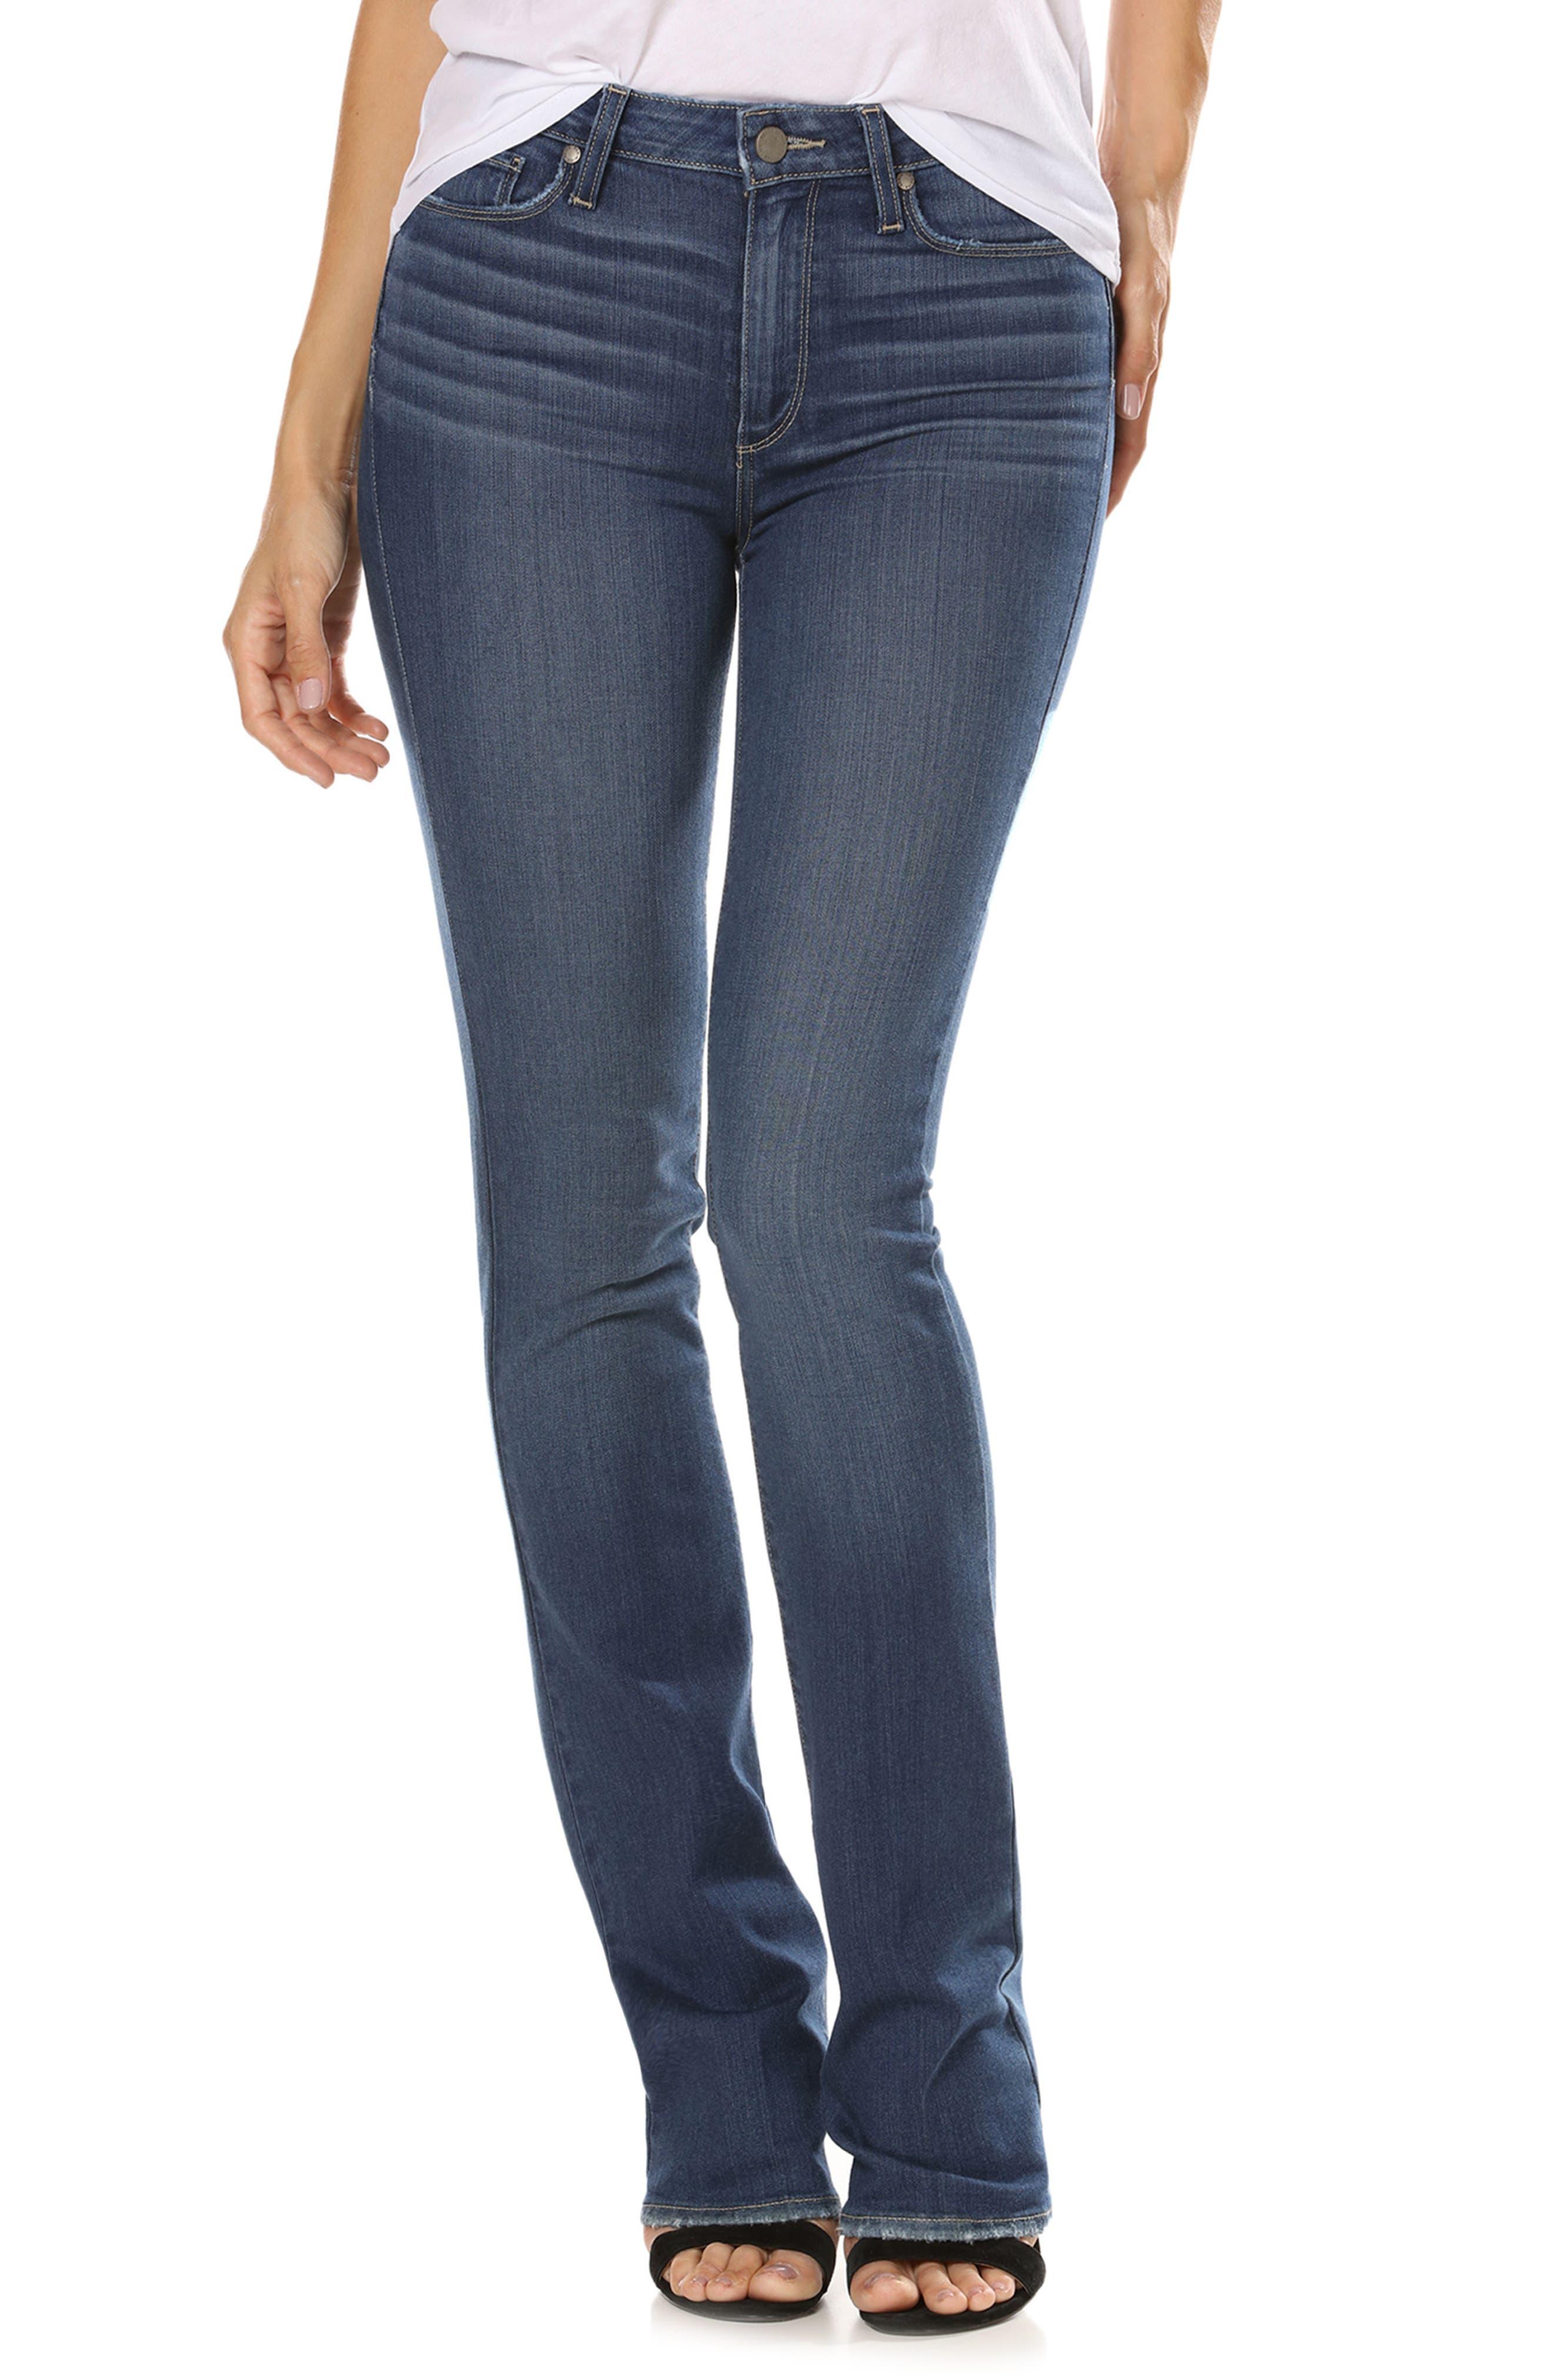 Transcend - Manhattan High Waist Bootcut Jeans,                         Main,                         color,